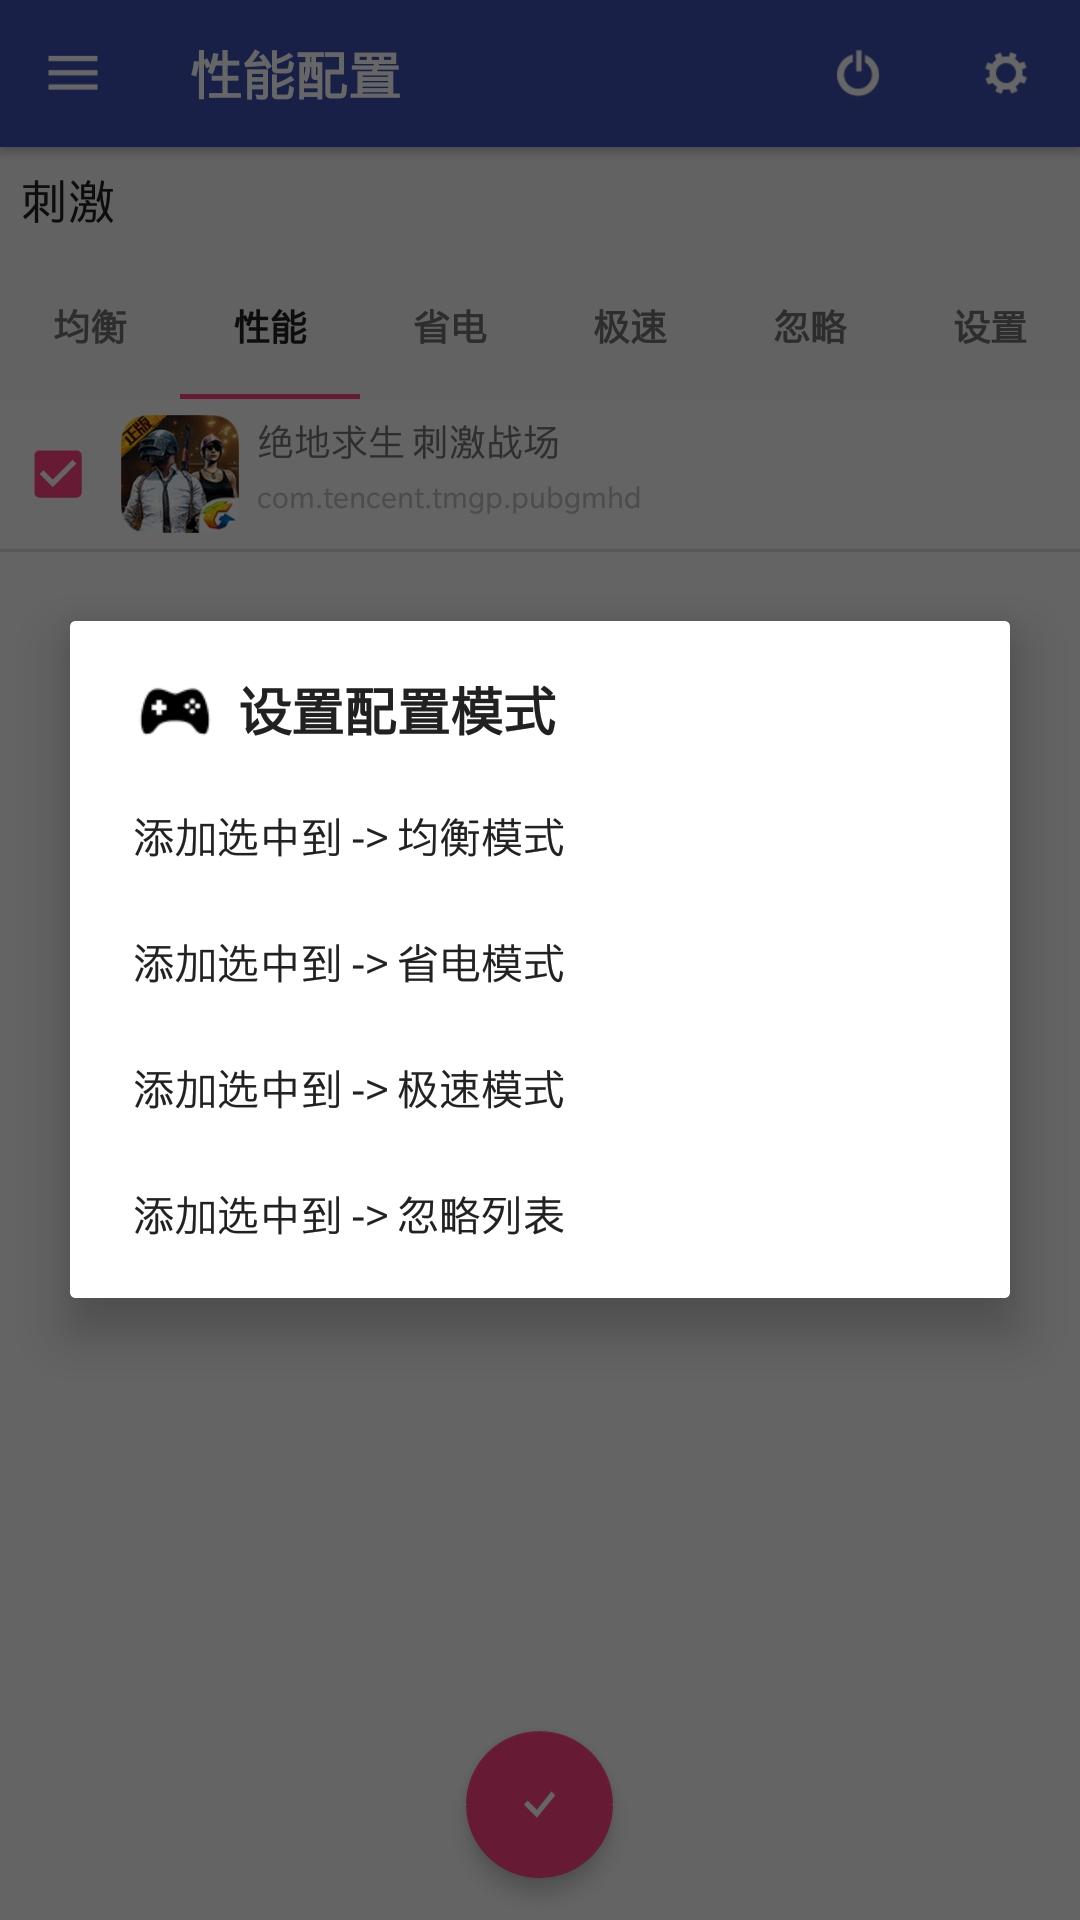 Screenshot_20180210-190617.jpg